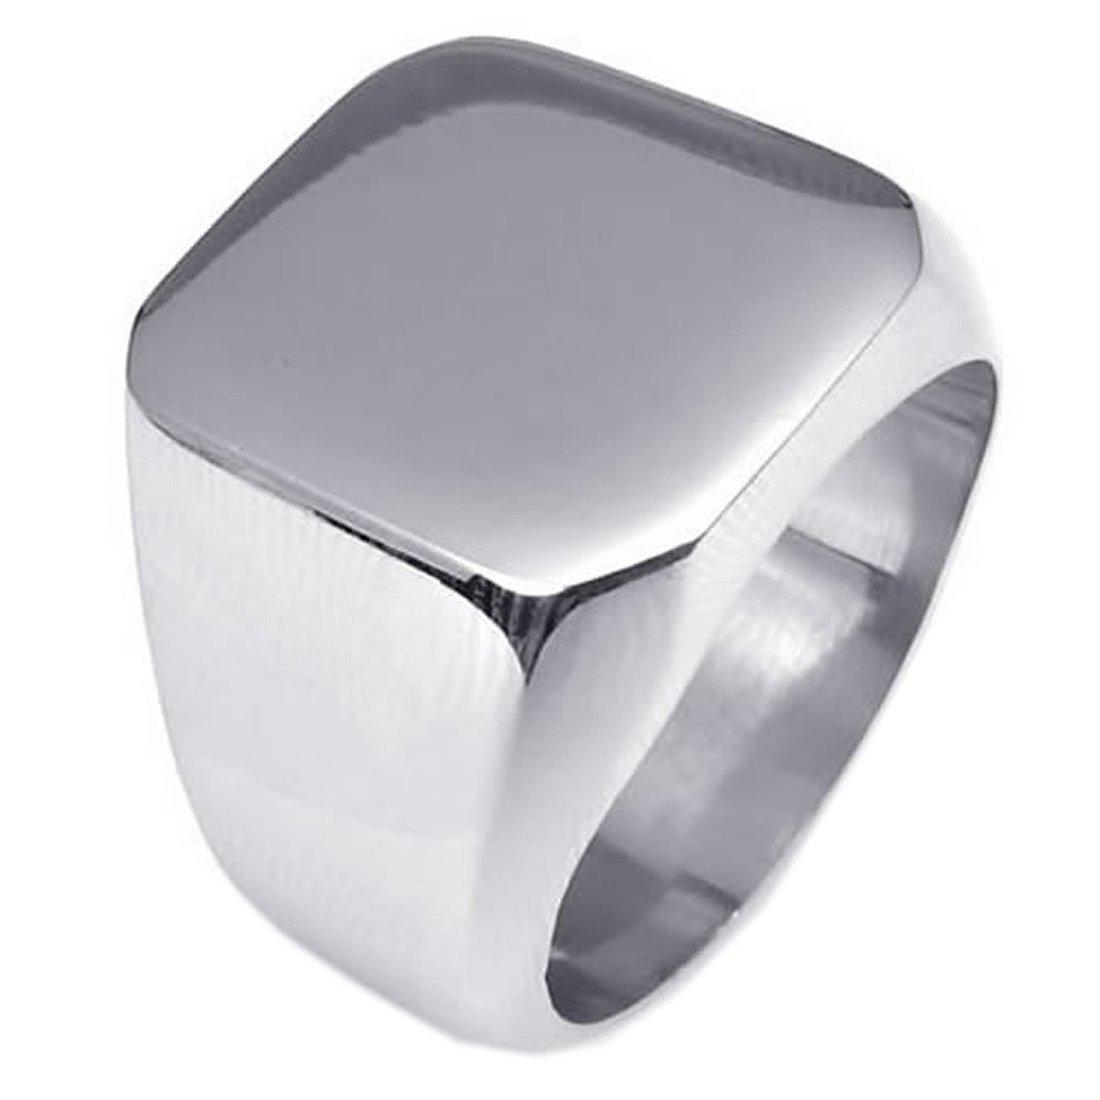 Anillo de sello - SODIAL(R) anillo de joyeria de hombres, de acero inoxidable, anillo de sellado, plata (9) 065277A3